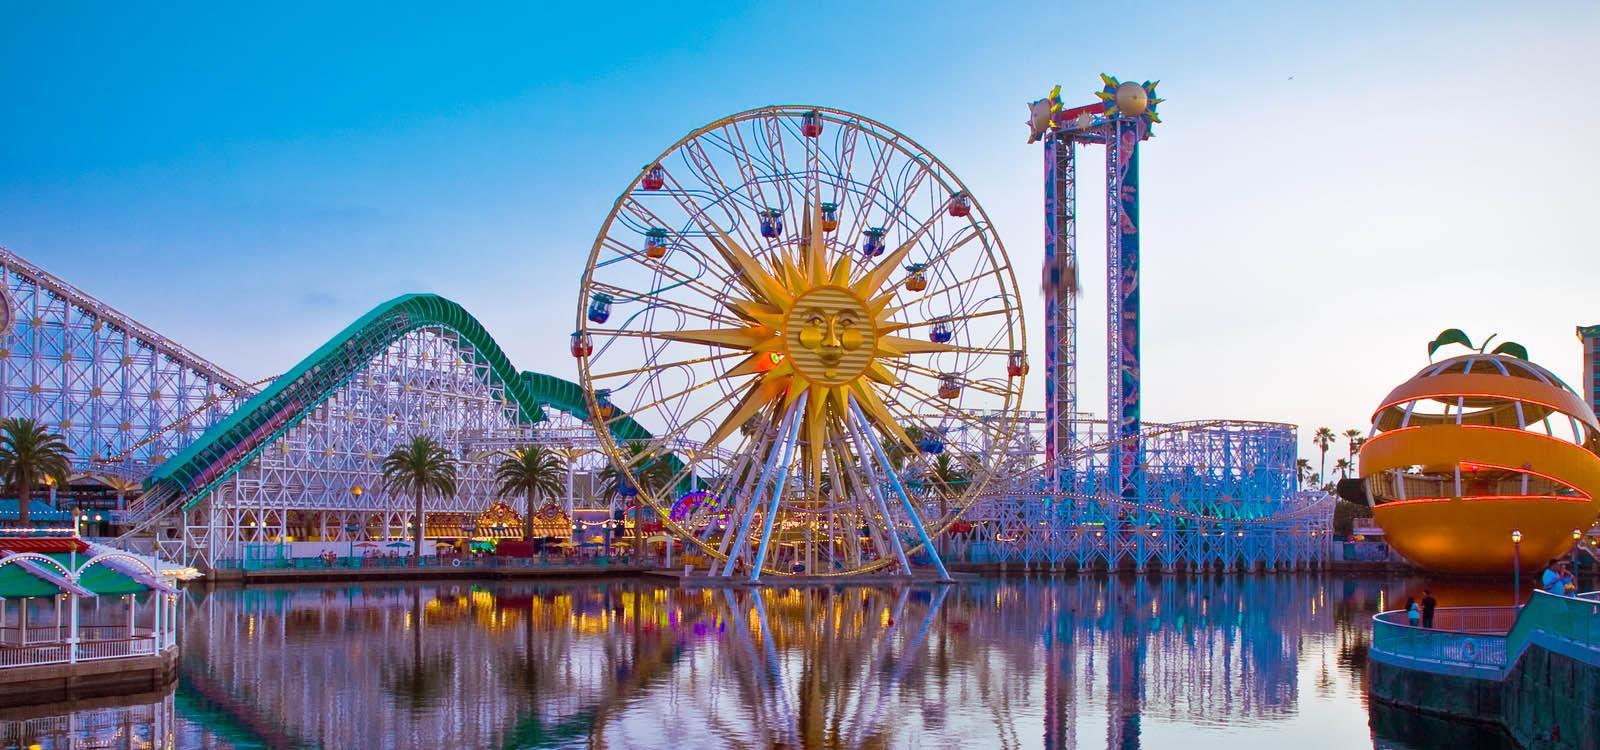 Hospitality Management - Amusement Park